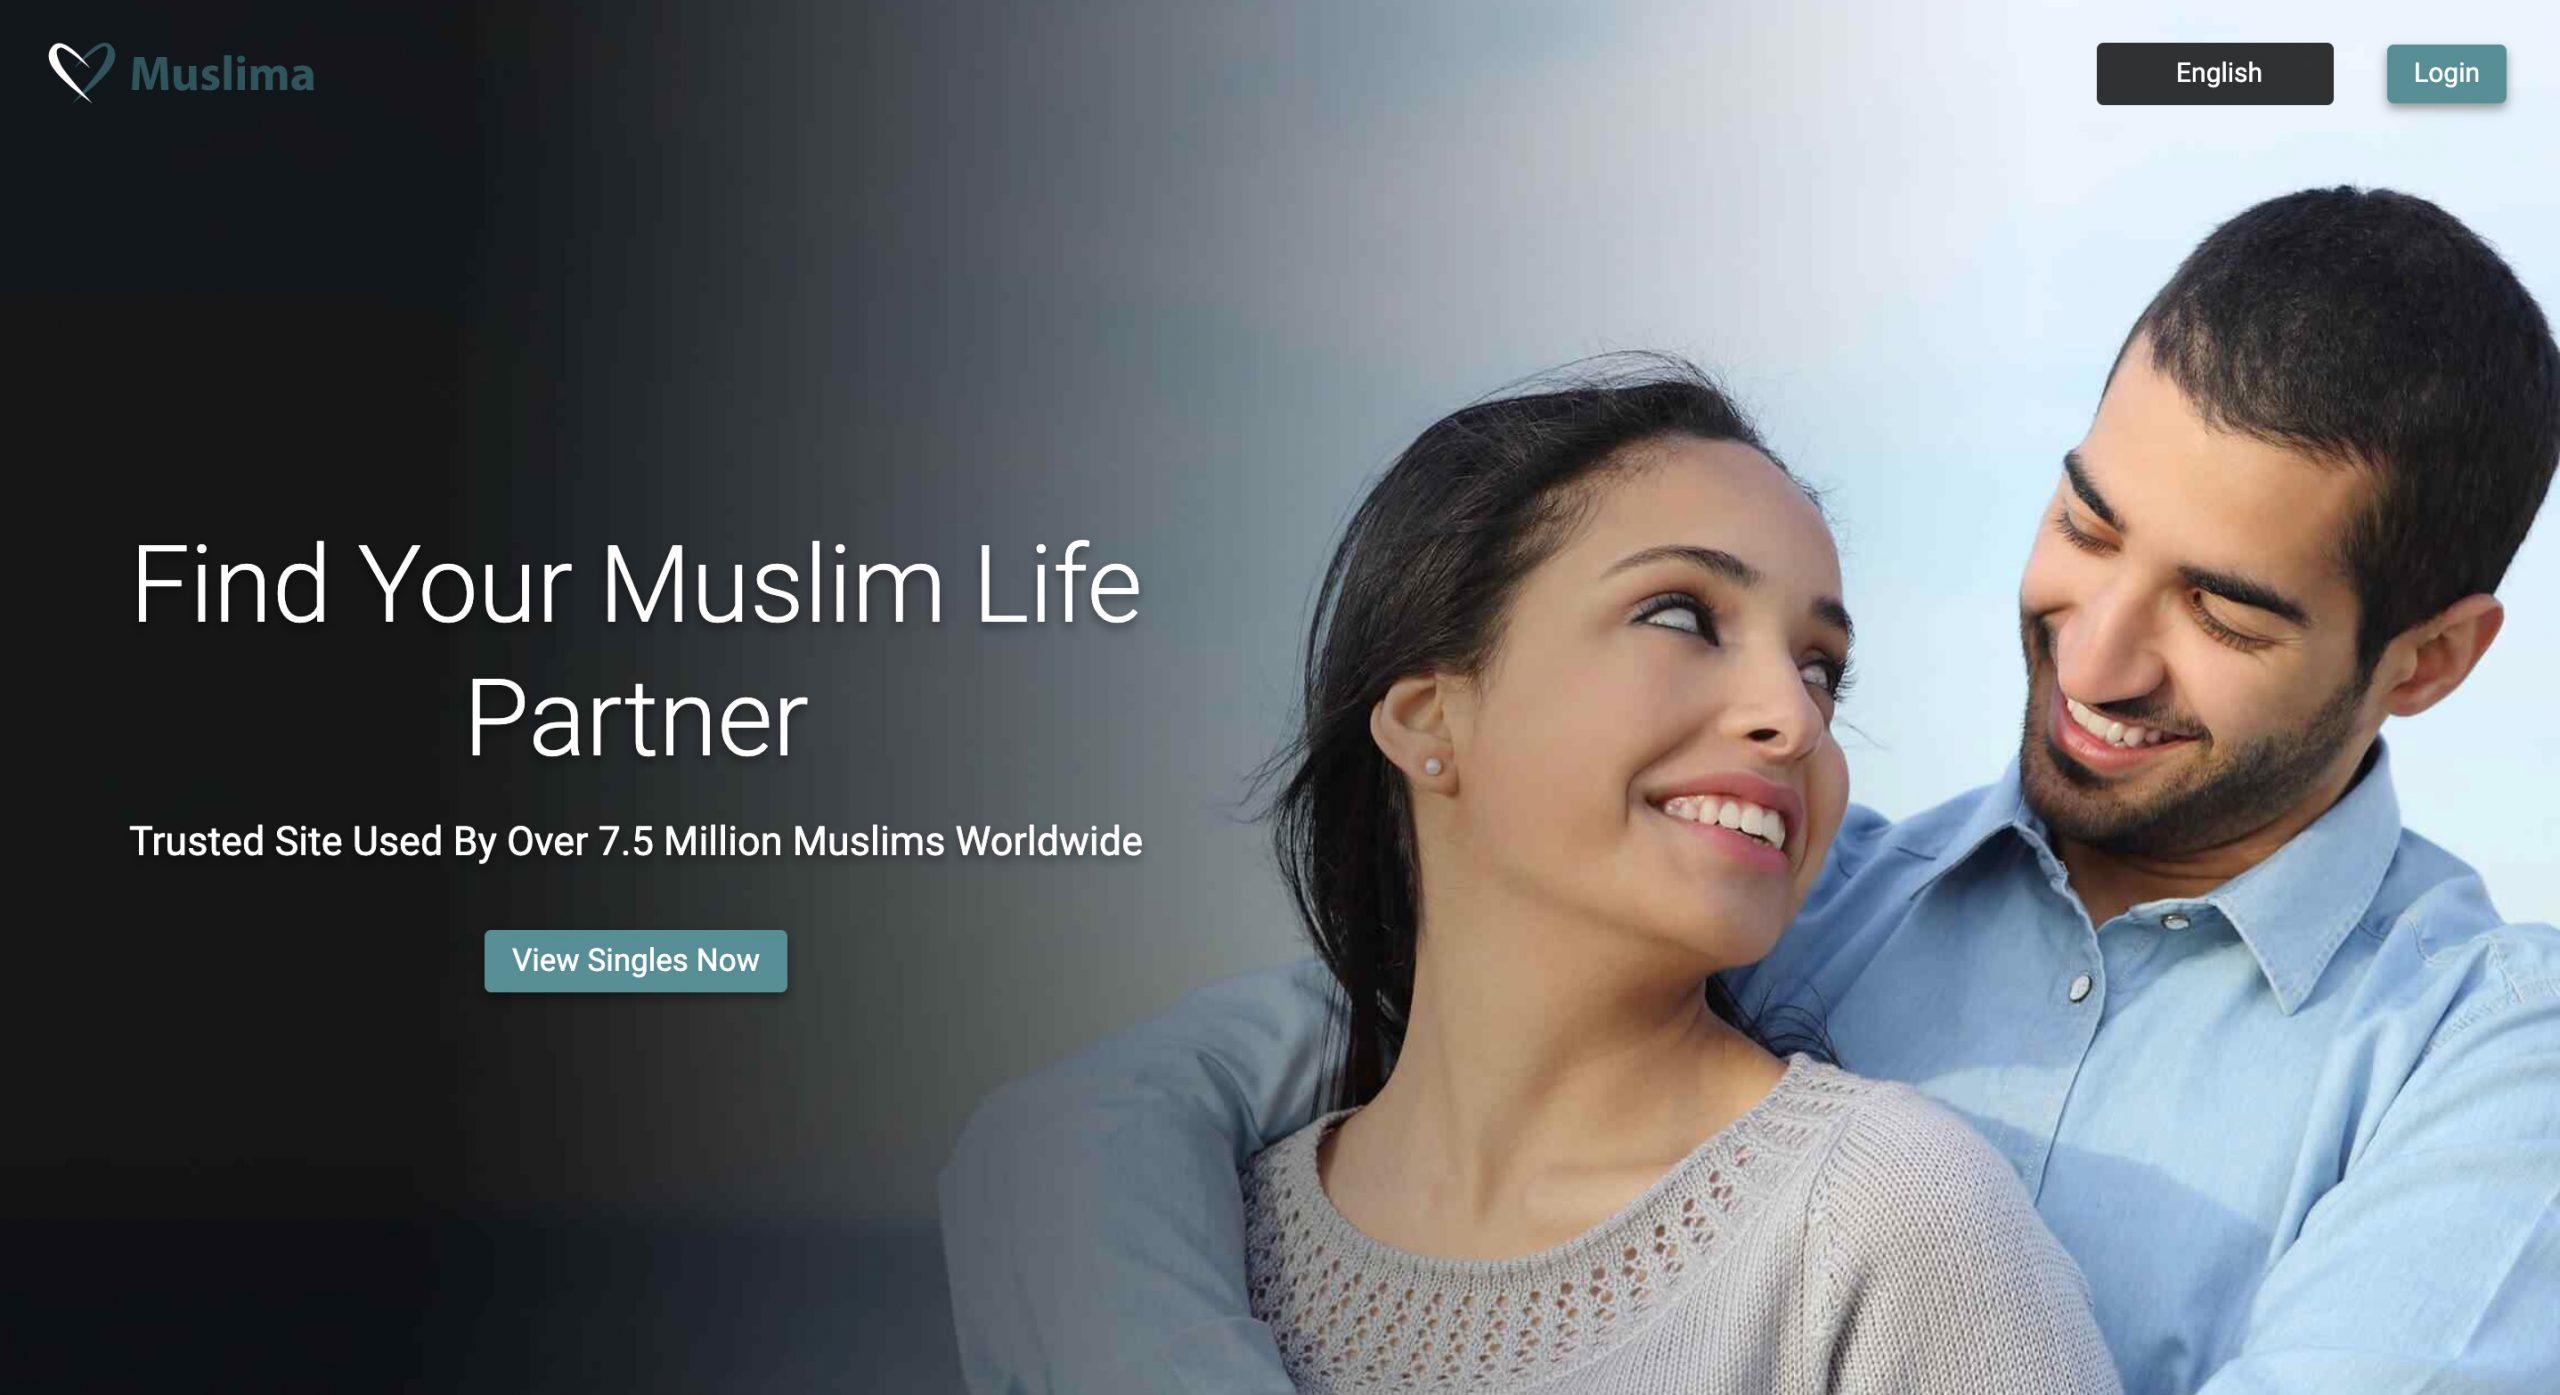 Muslima main page